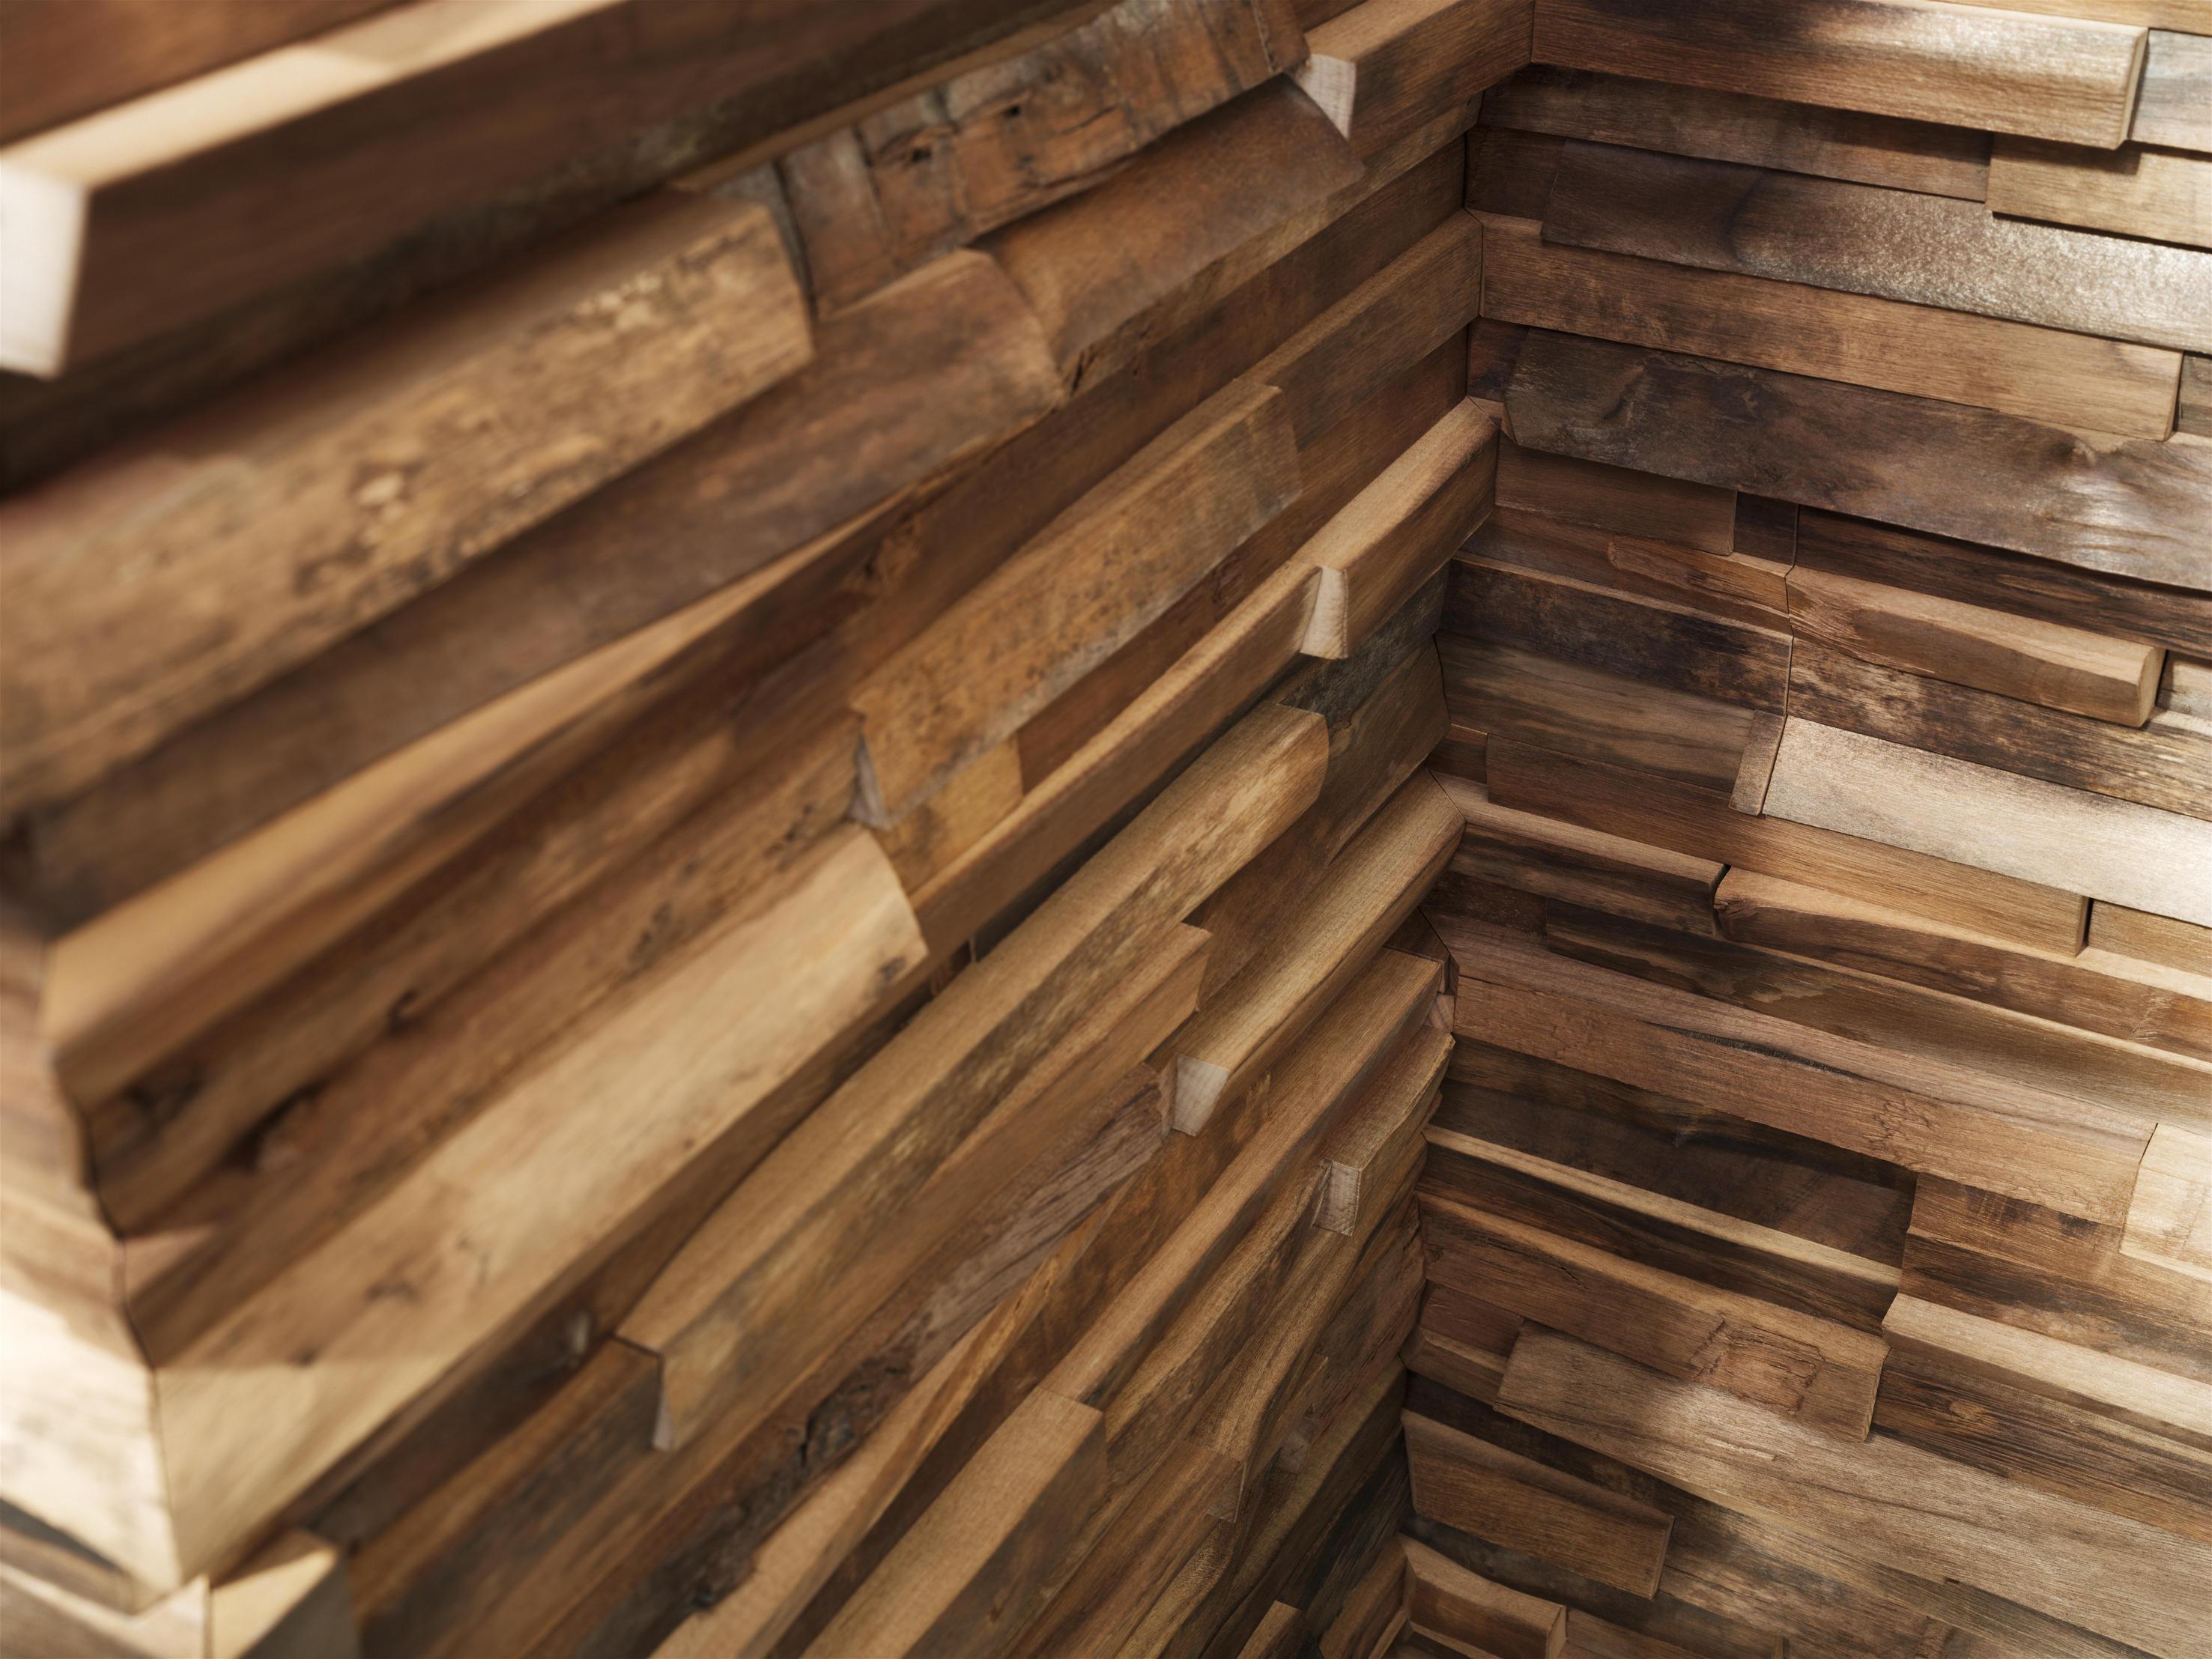 Rivestimento In Legno Parete : Waldkante rivestimento parete u csculturau c pannelli legno team